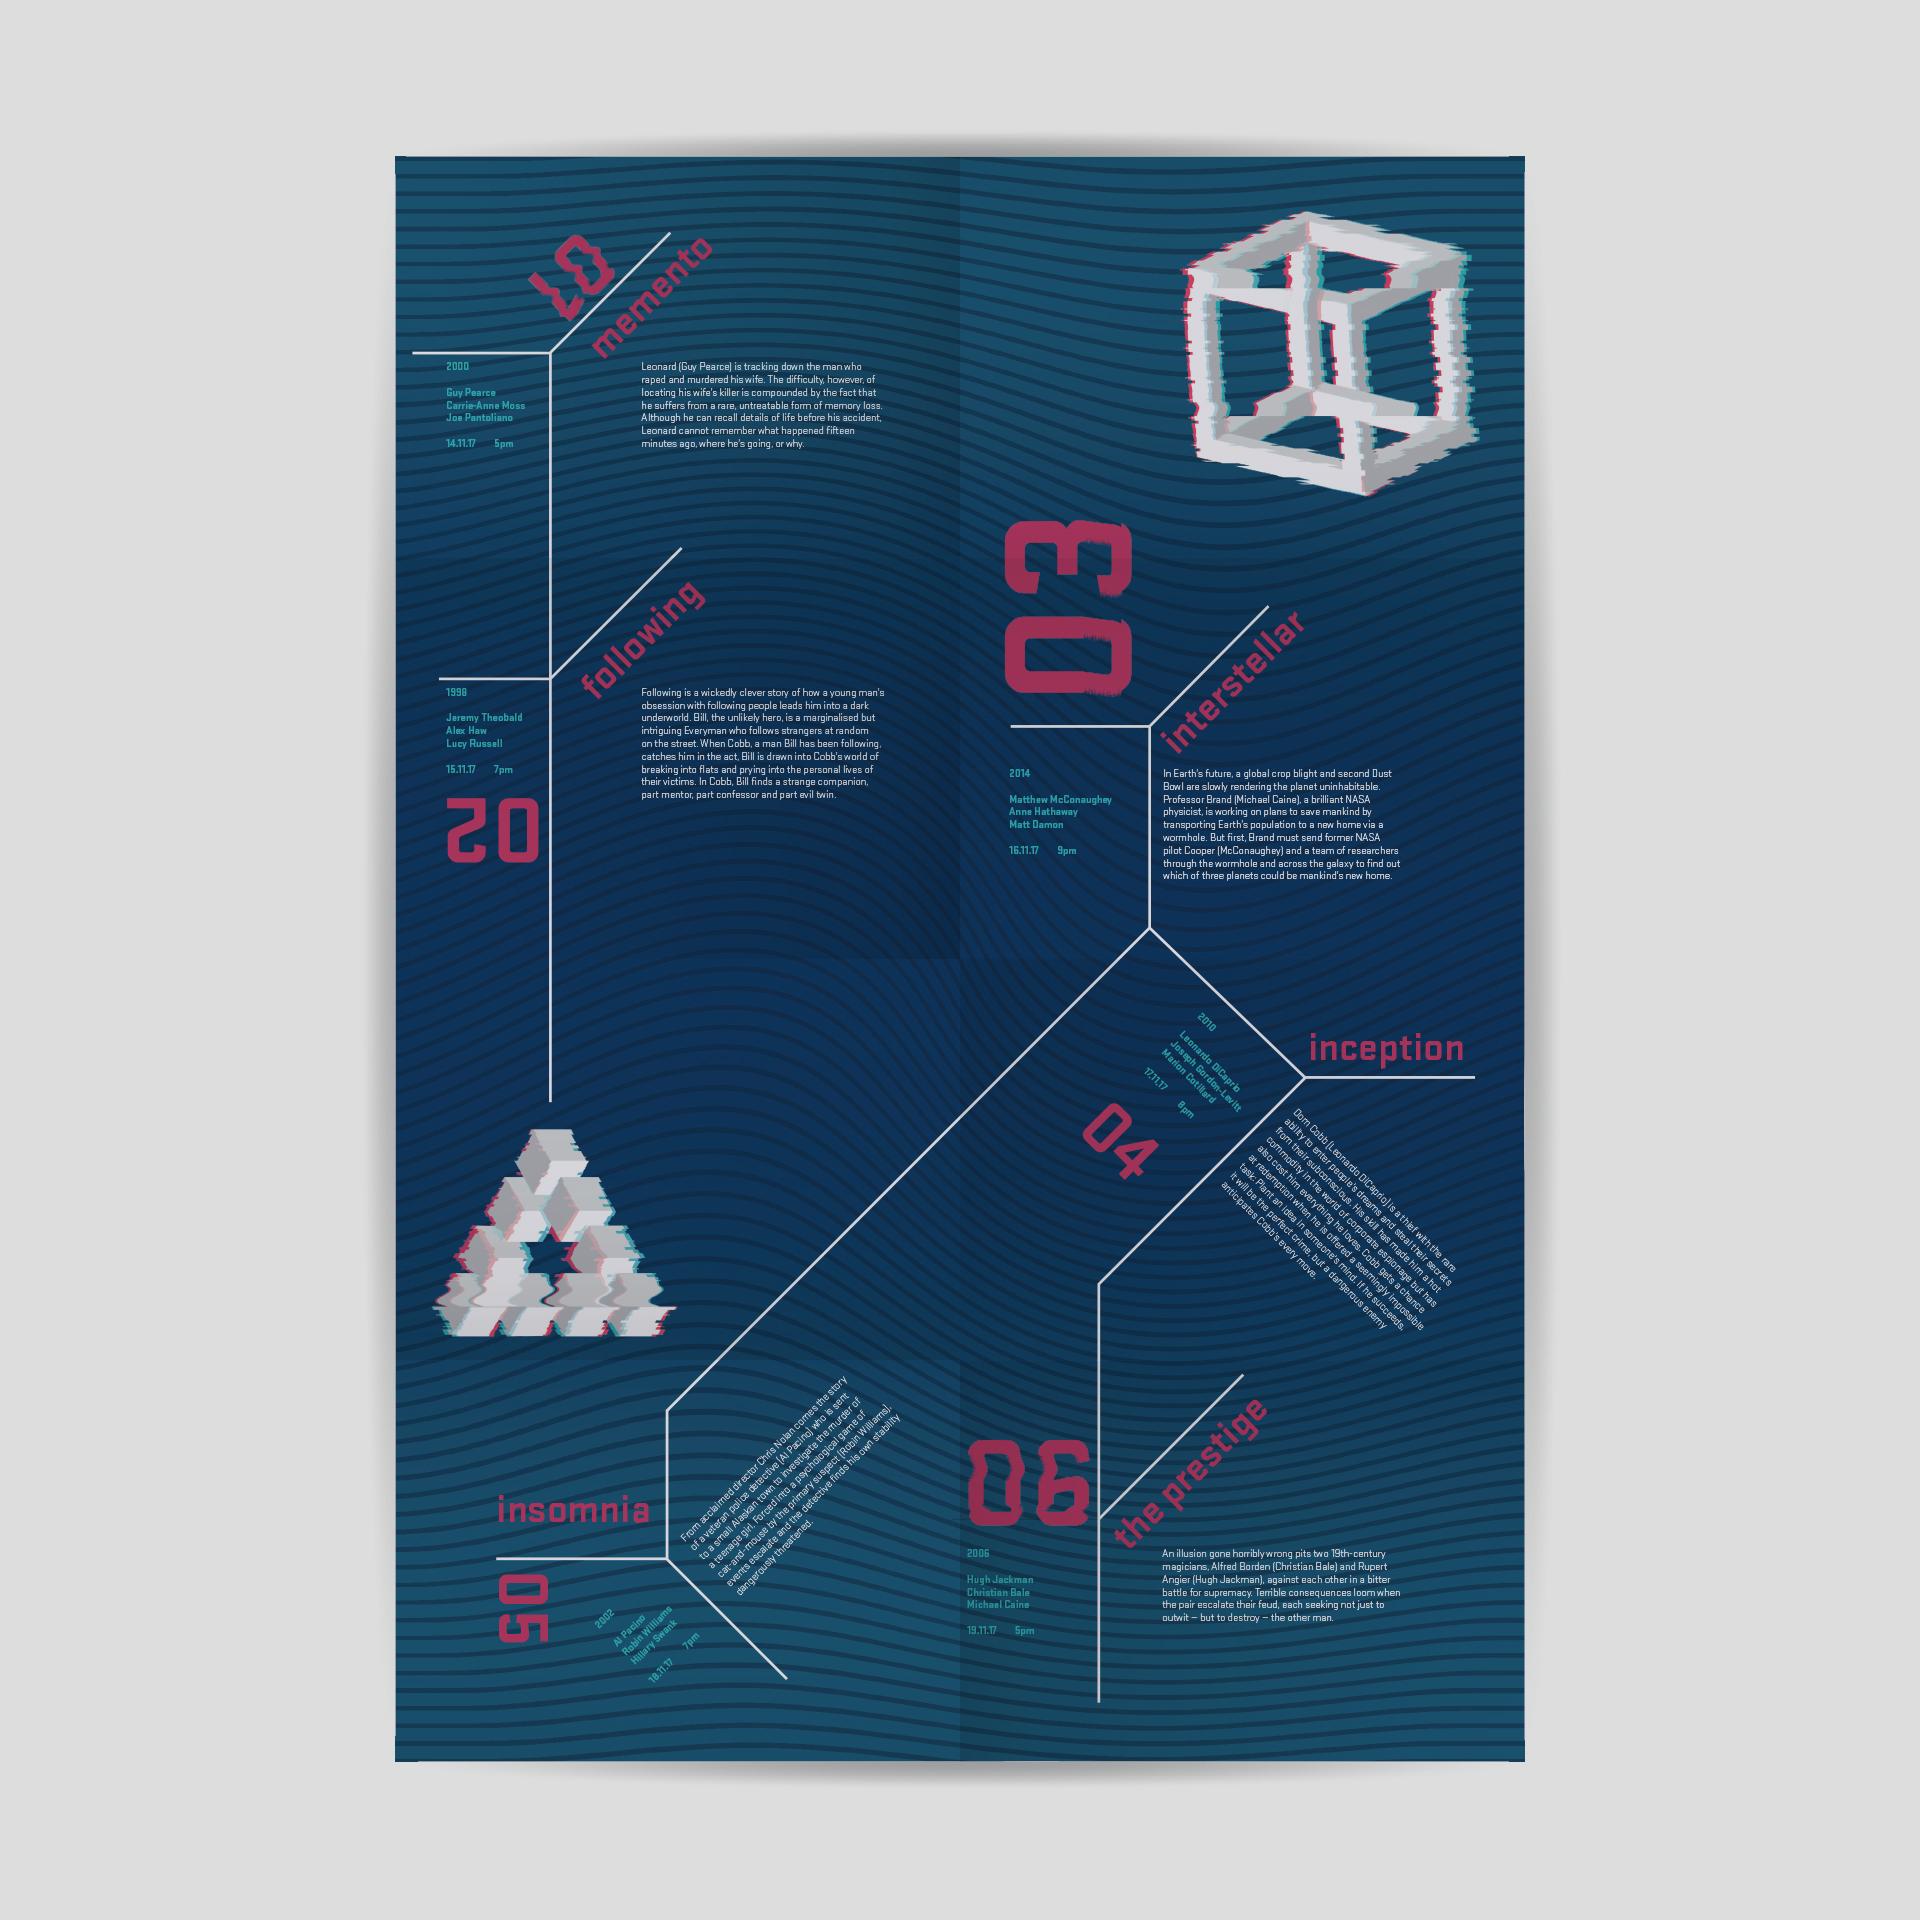 8-fold brochure design.